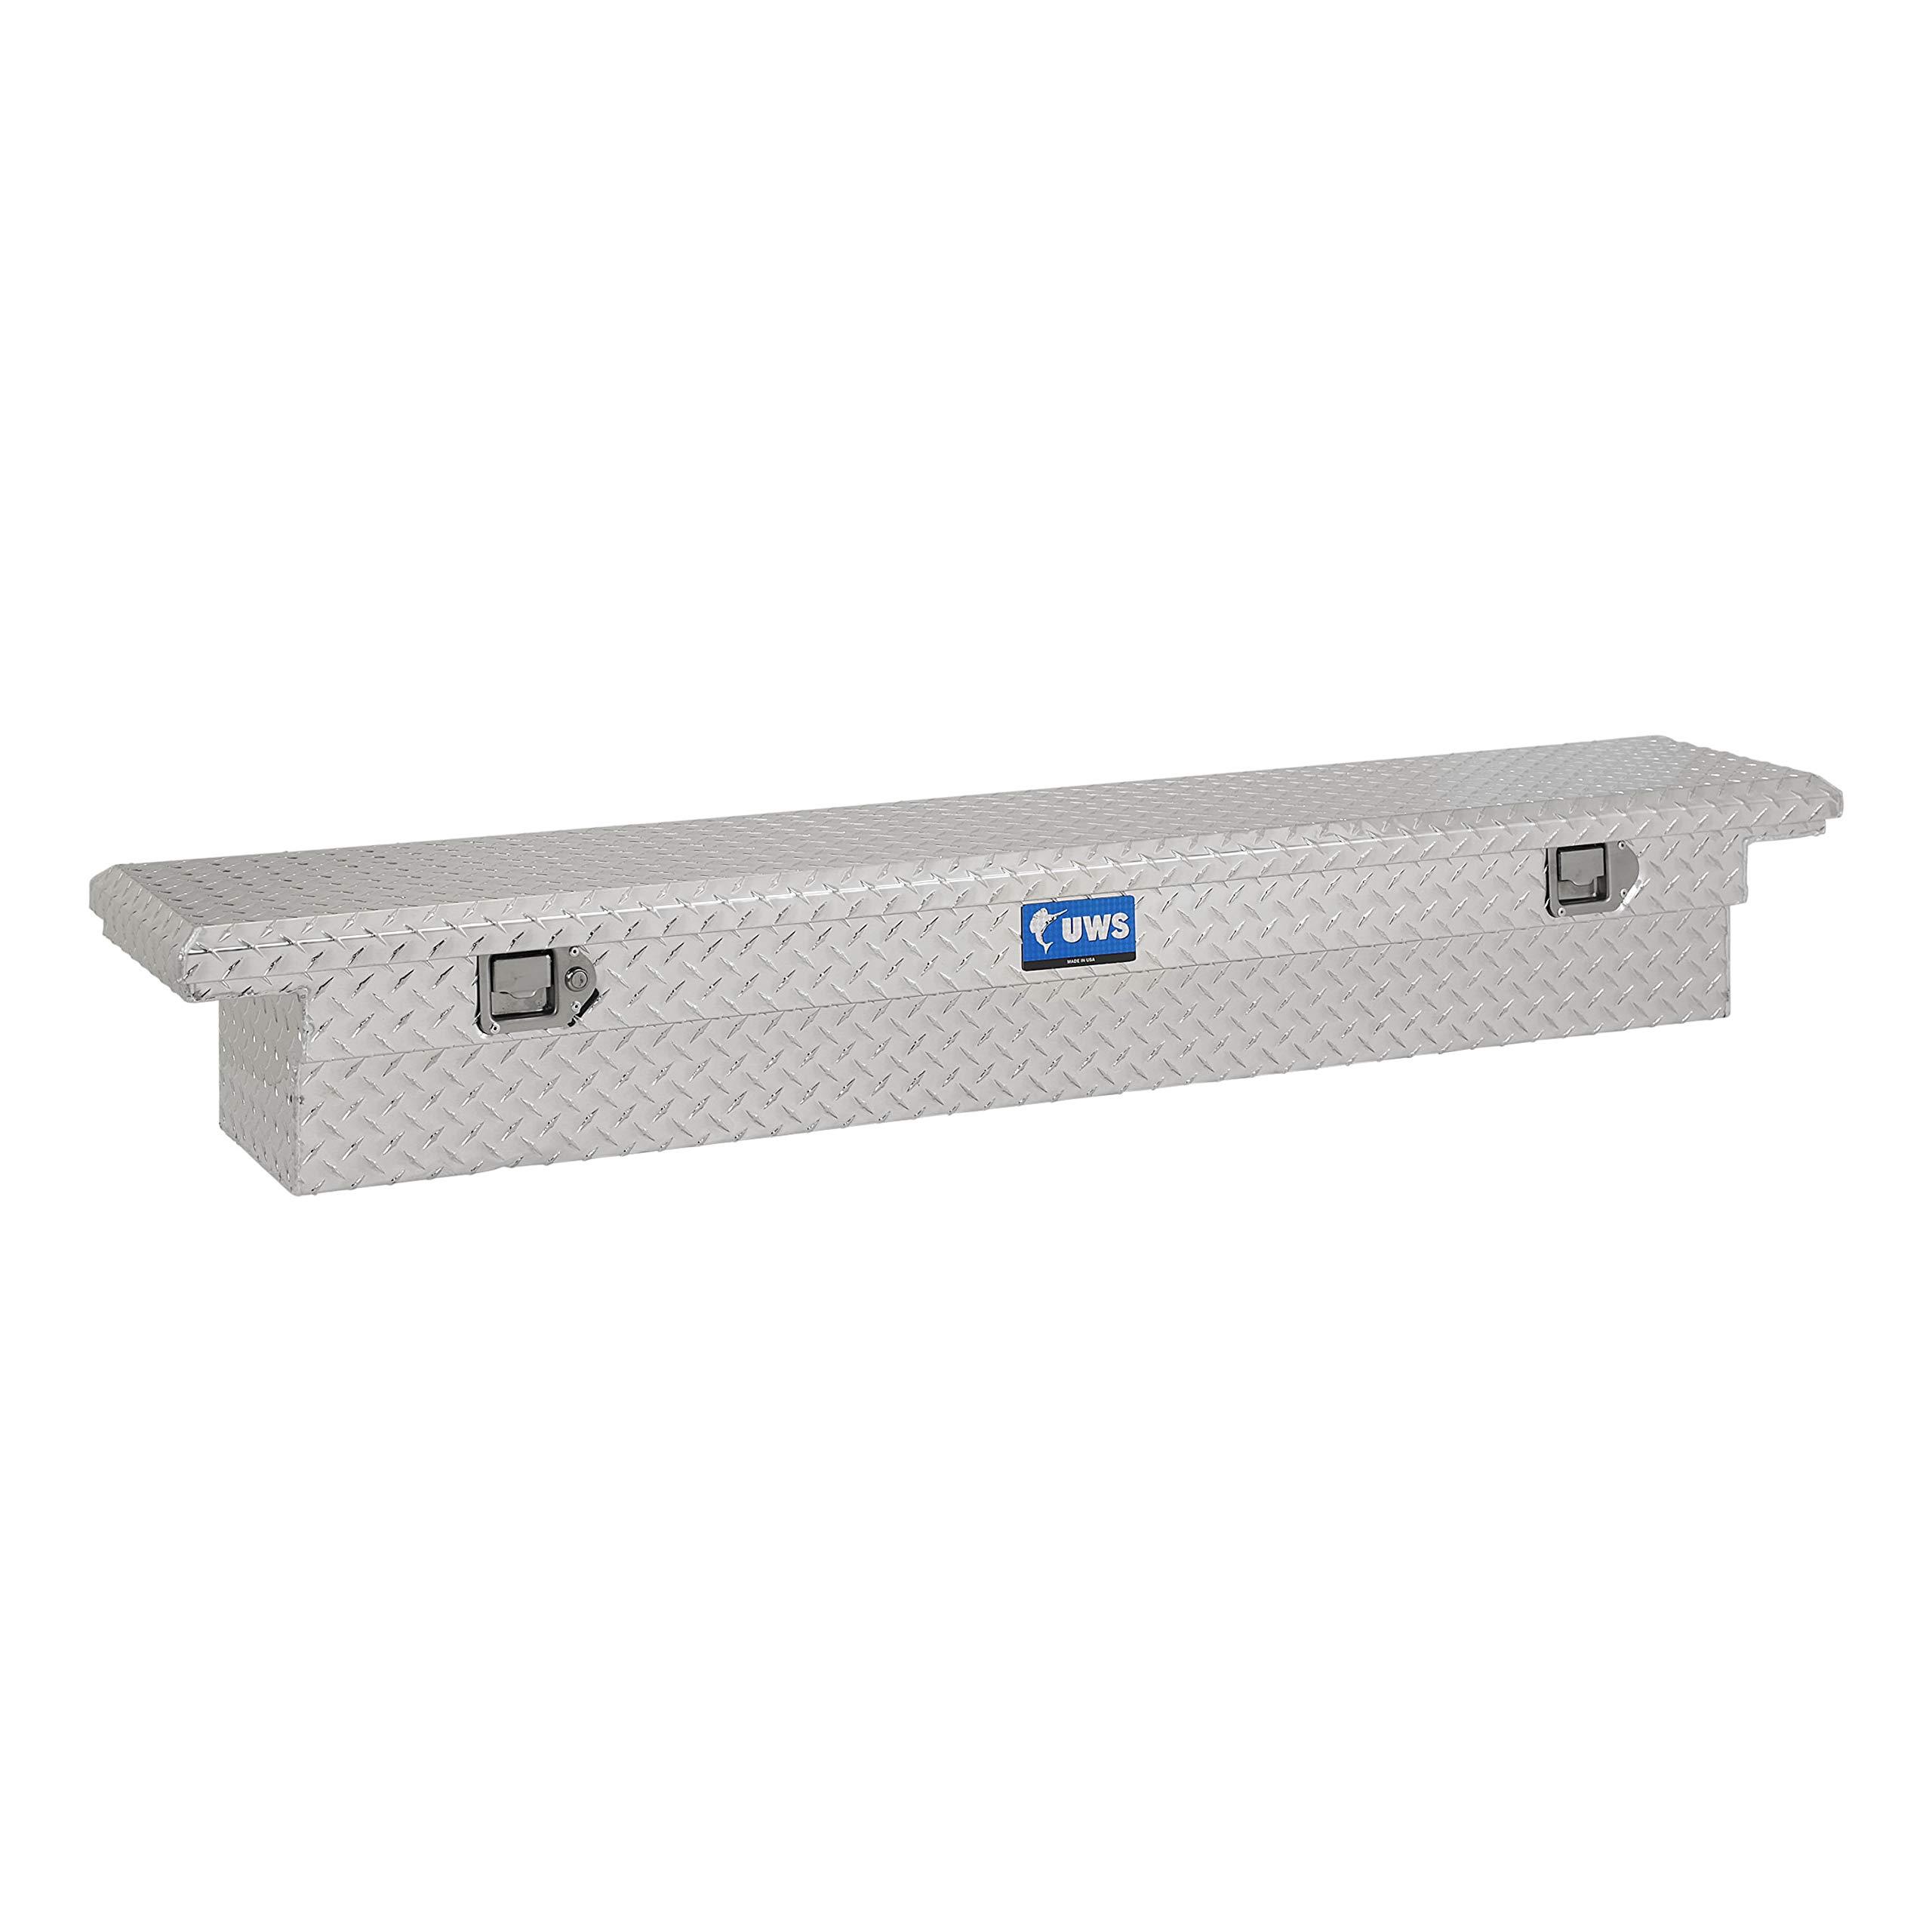 UWS EC10541 69-Inch Aluminum Slim Truck Tool Box with Low Profile